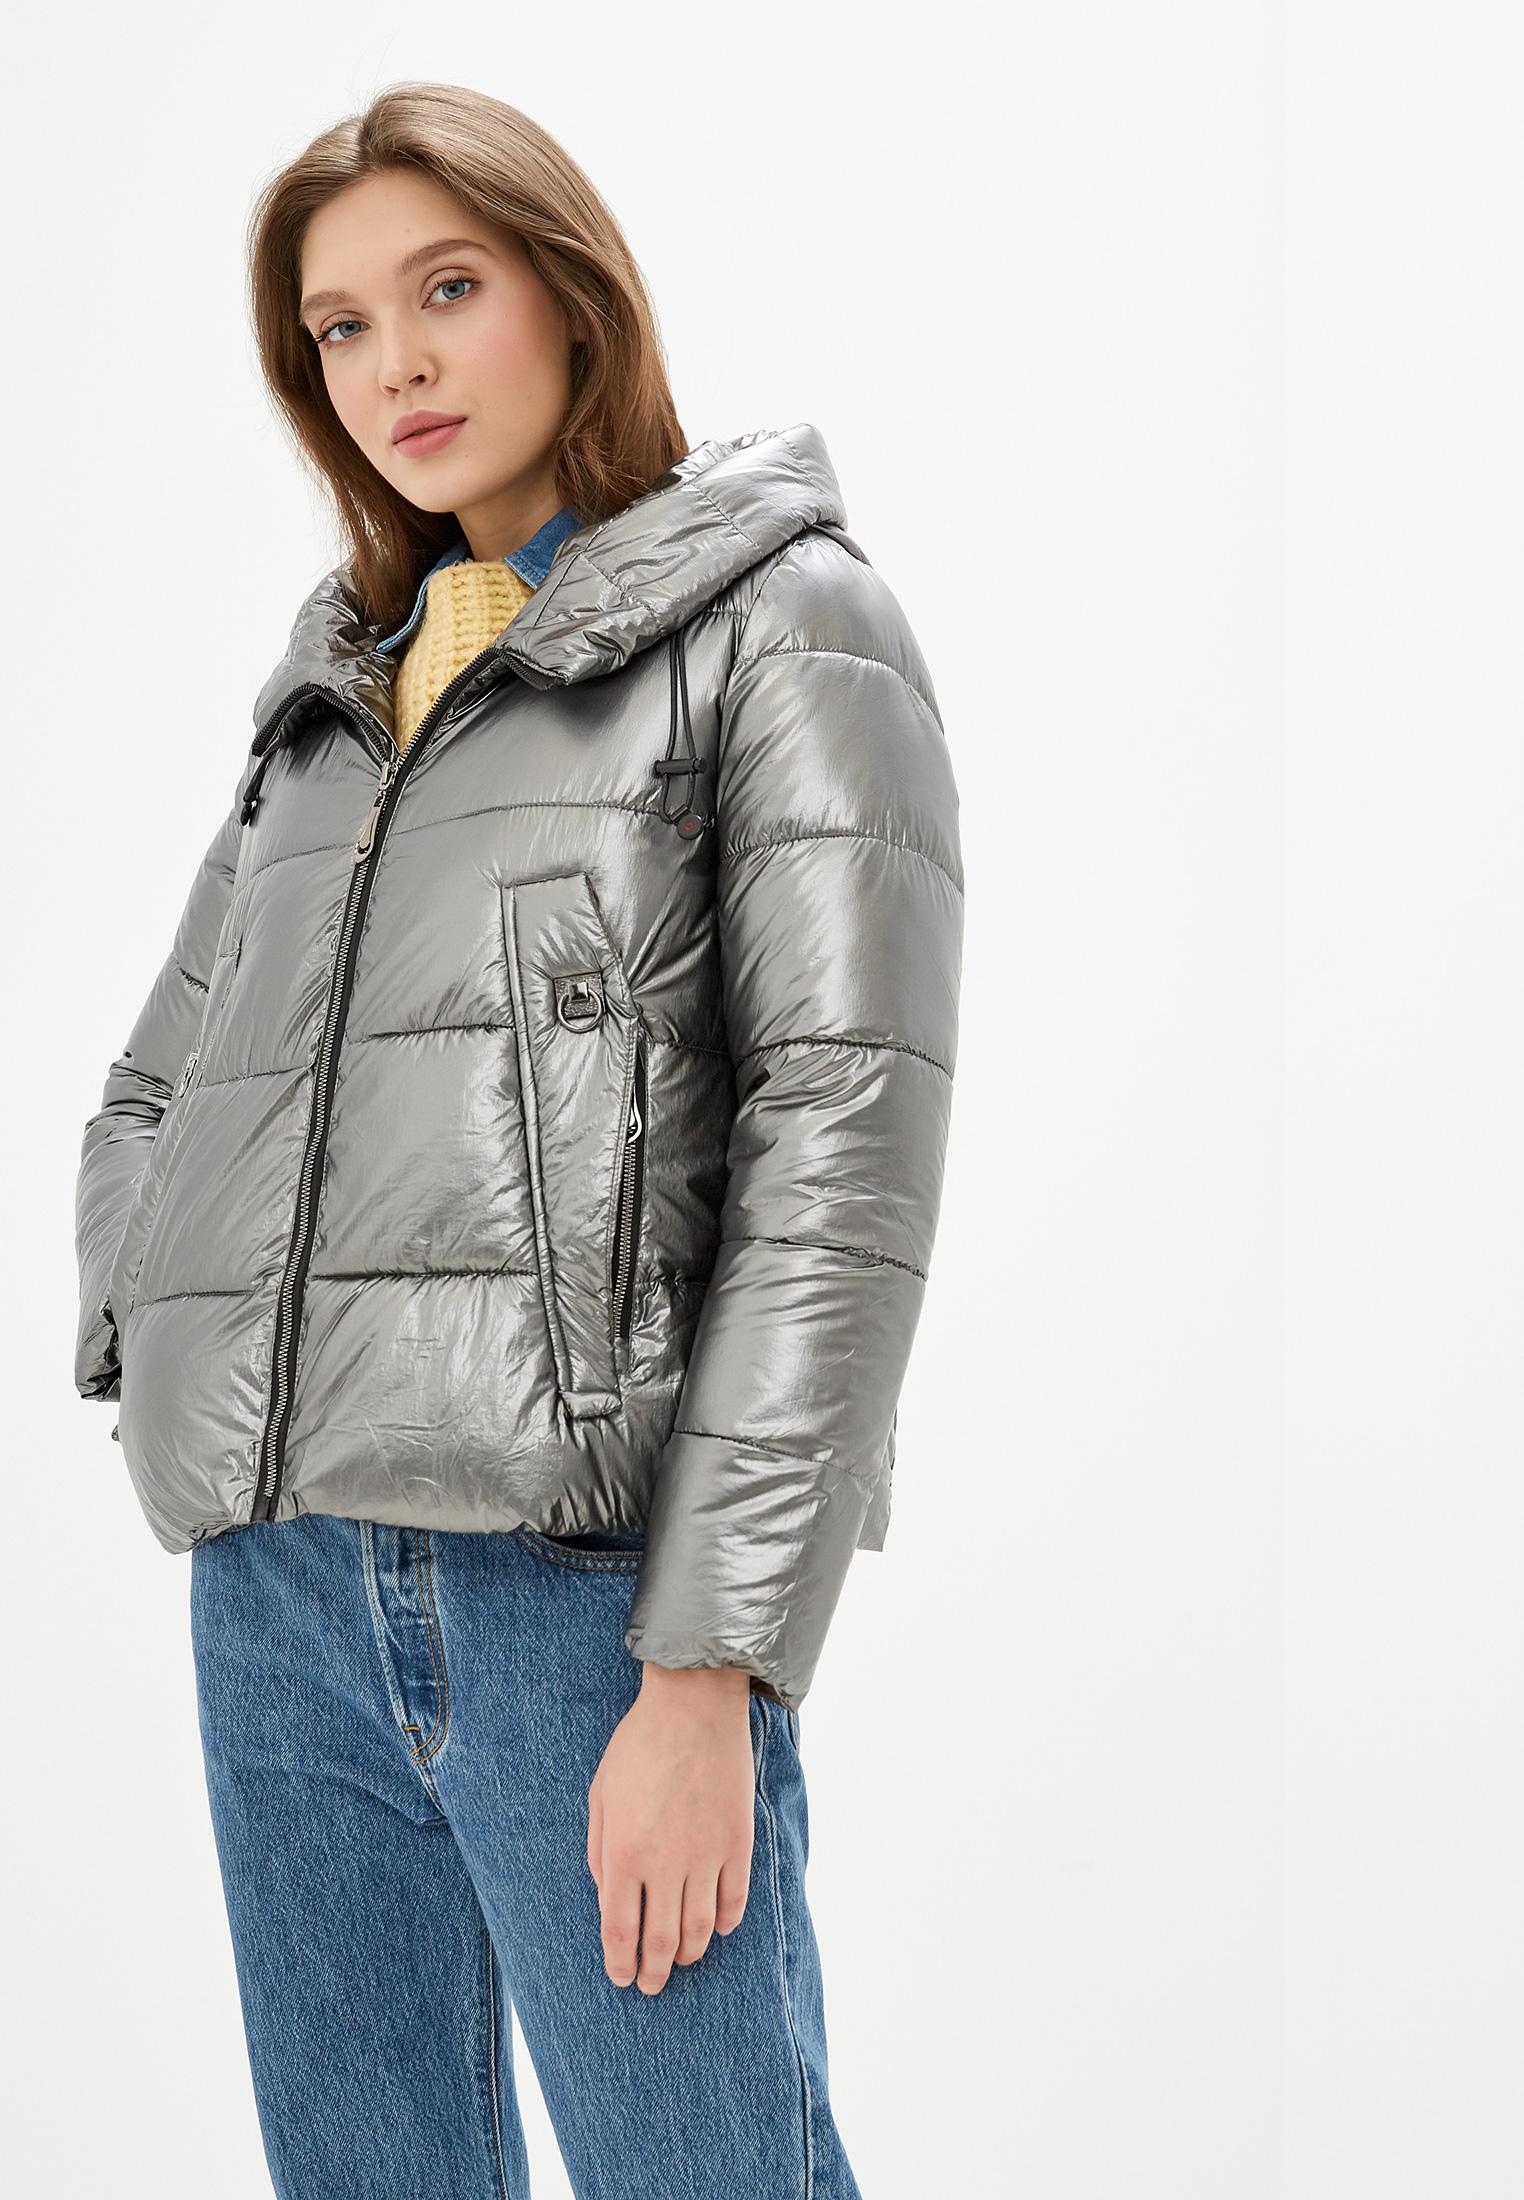 Куртка утепленная, Diora.rim, цвет: серебряный. Артикул: DI048EWHIYQ4. Одежда / Верхняя одежда